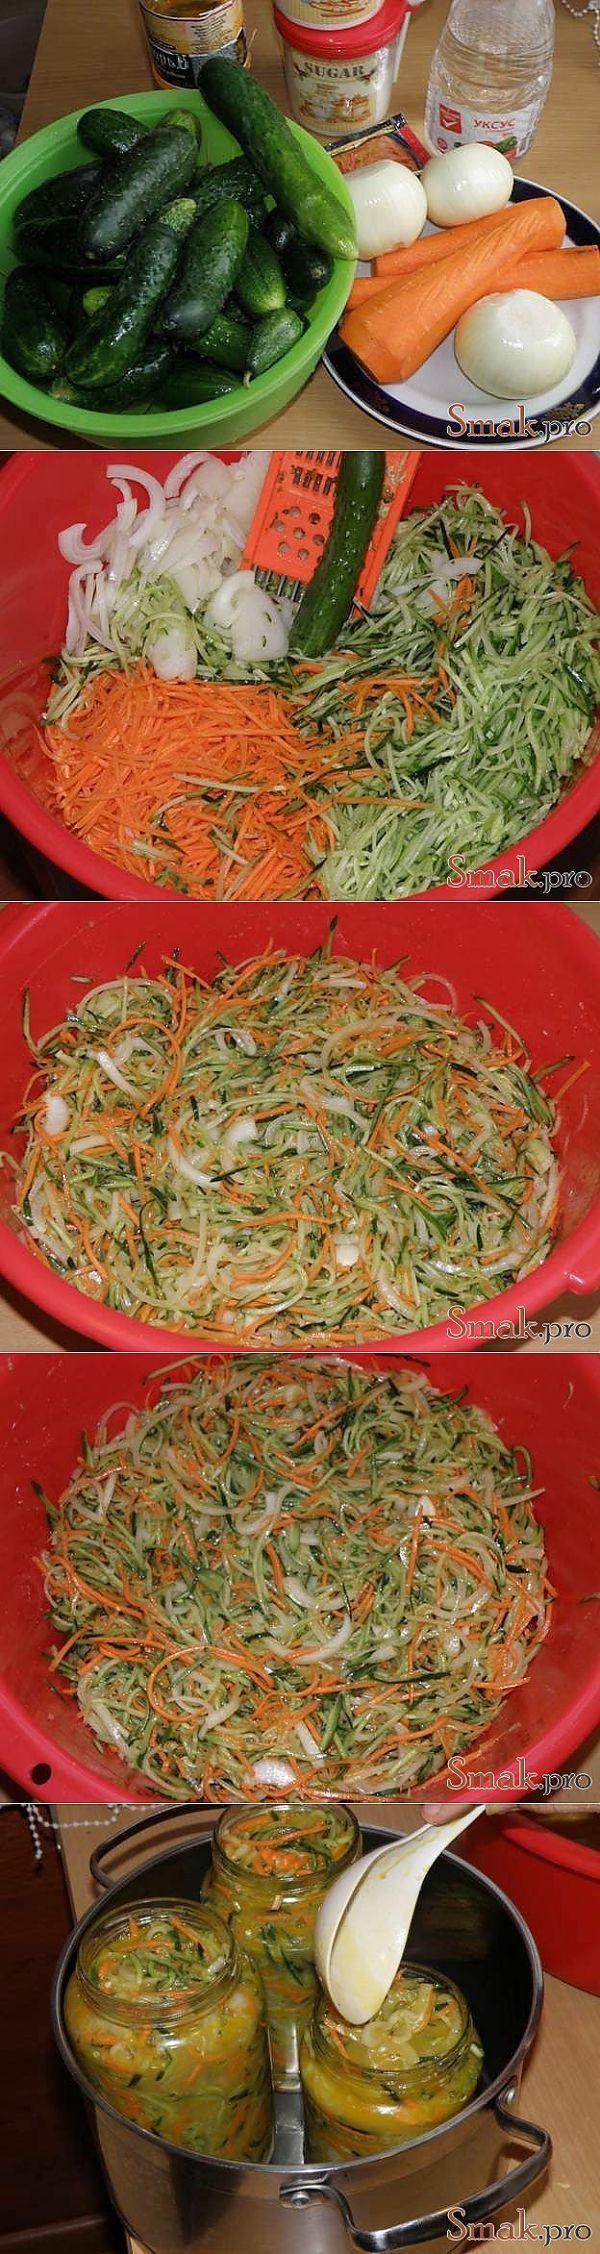 Салат из огурцов по корейски рецепт с фото » Smak.pro - Кулинарные фото рецепты у нас - СМАКУЕМ!